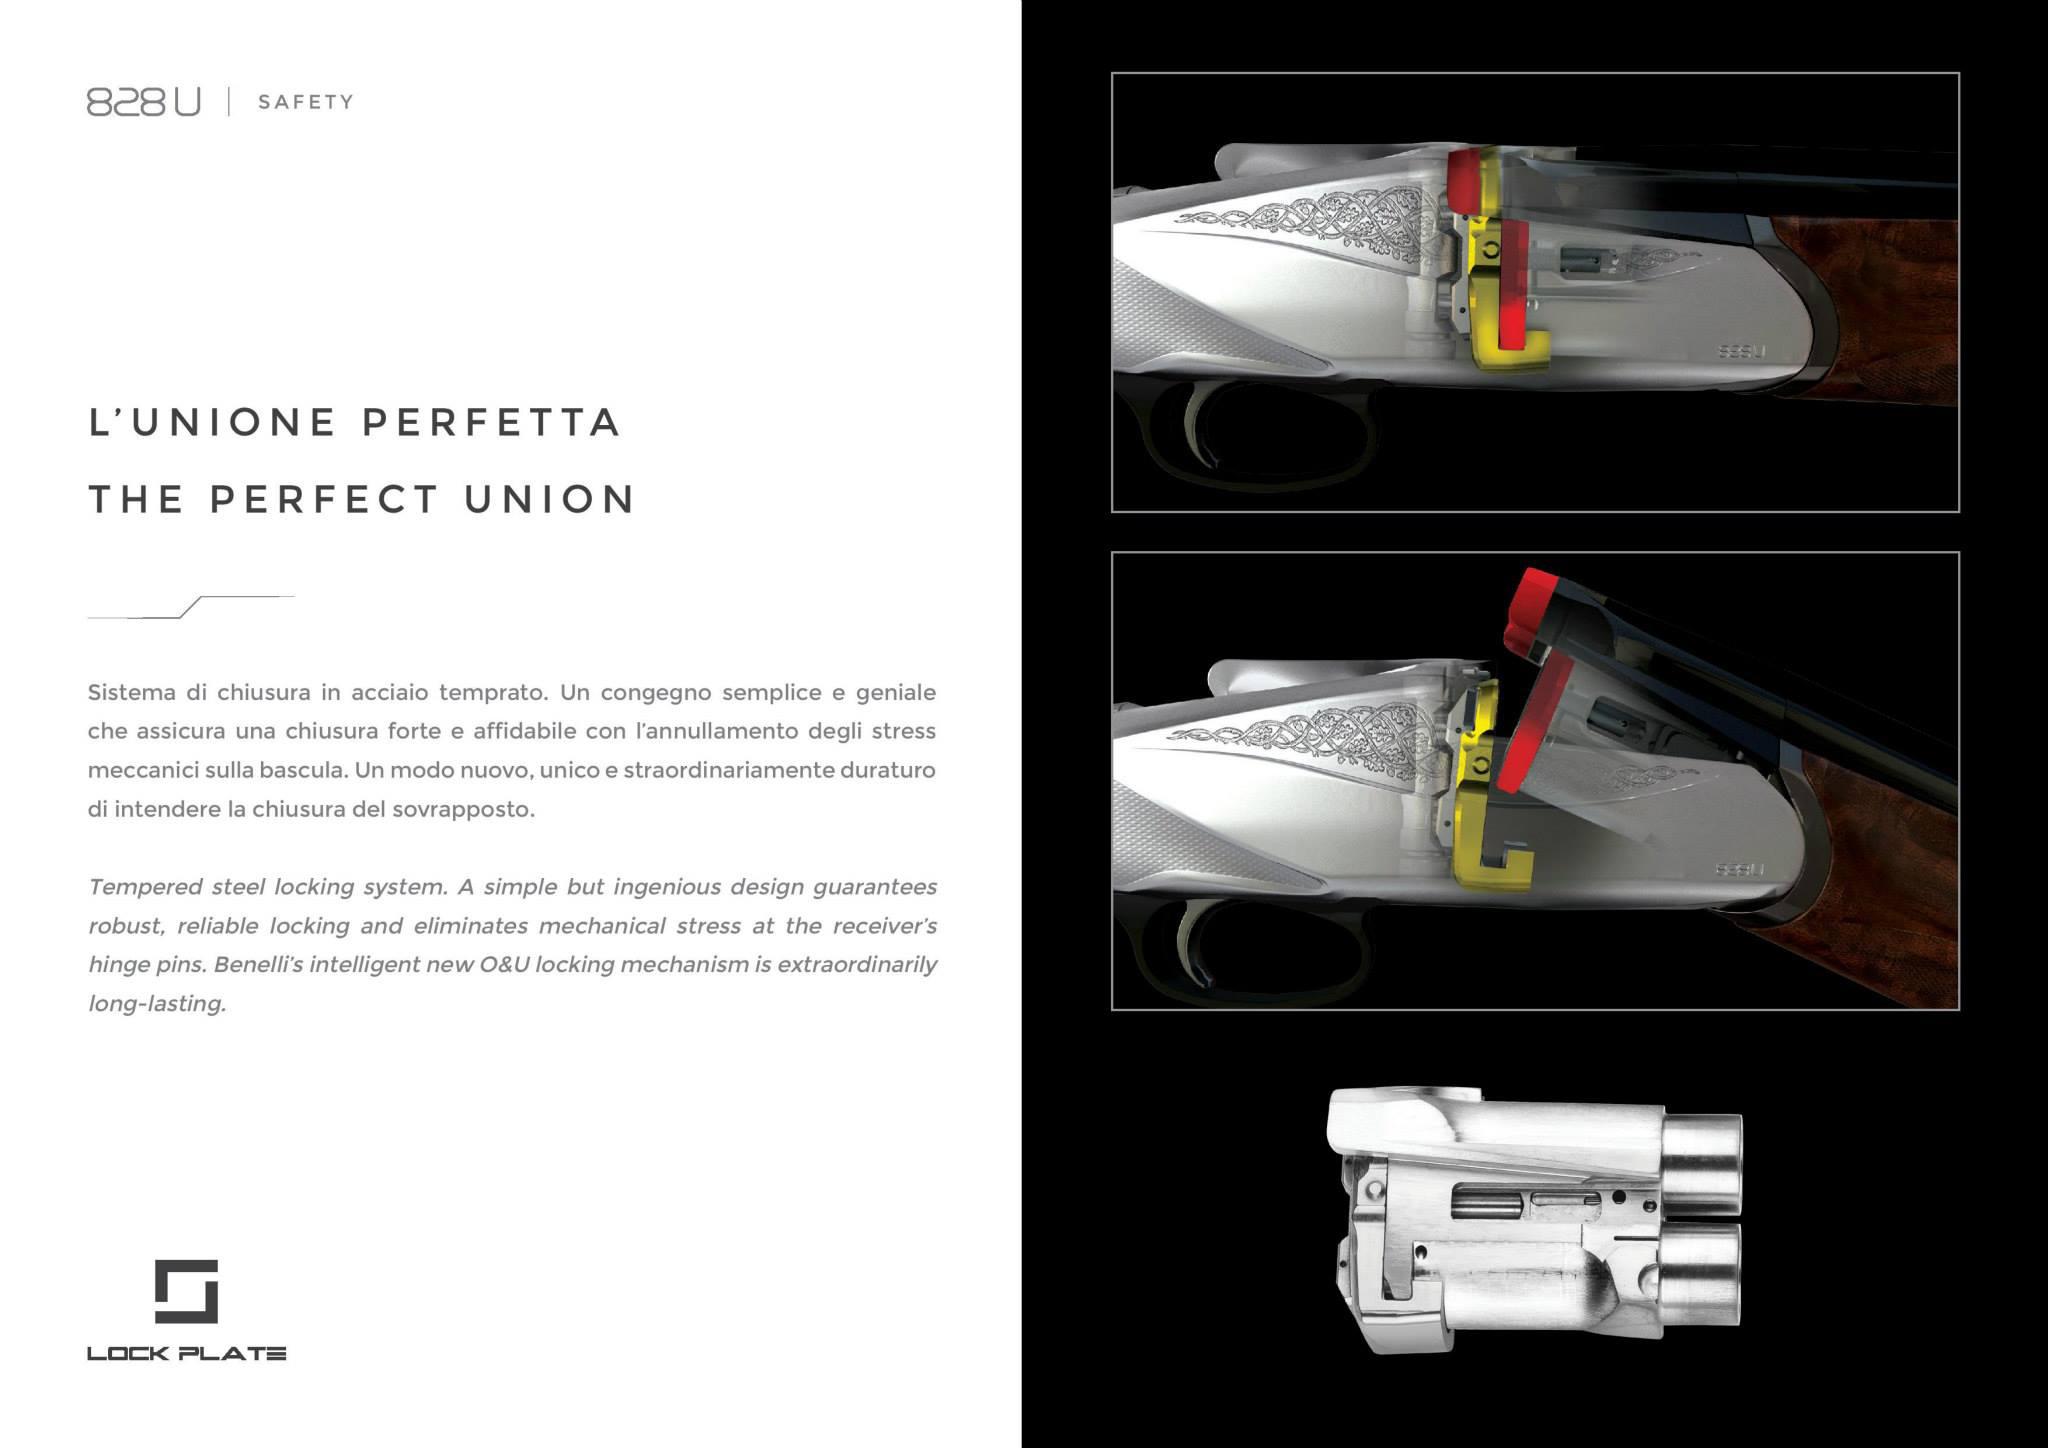 Nuovo Benelli 828 U un concentrato di innovazioni